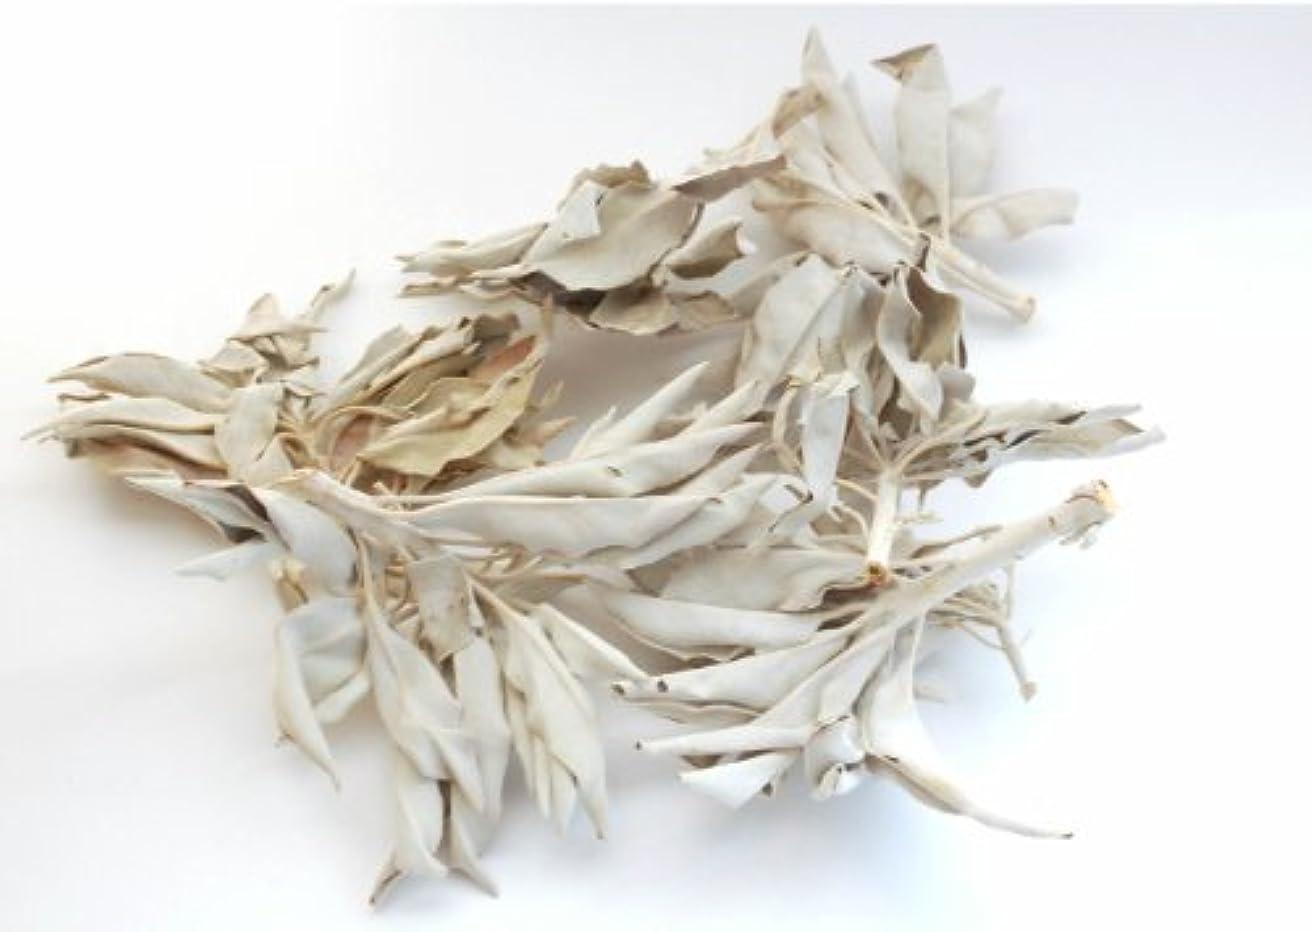 対立金額うがいセドナのヒーラーの推奨品、ワイルド(野生)ホワイトセージ(無農薬栽培)クラスター45g